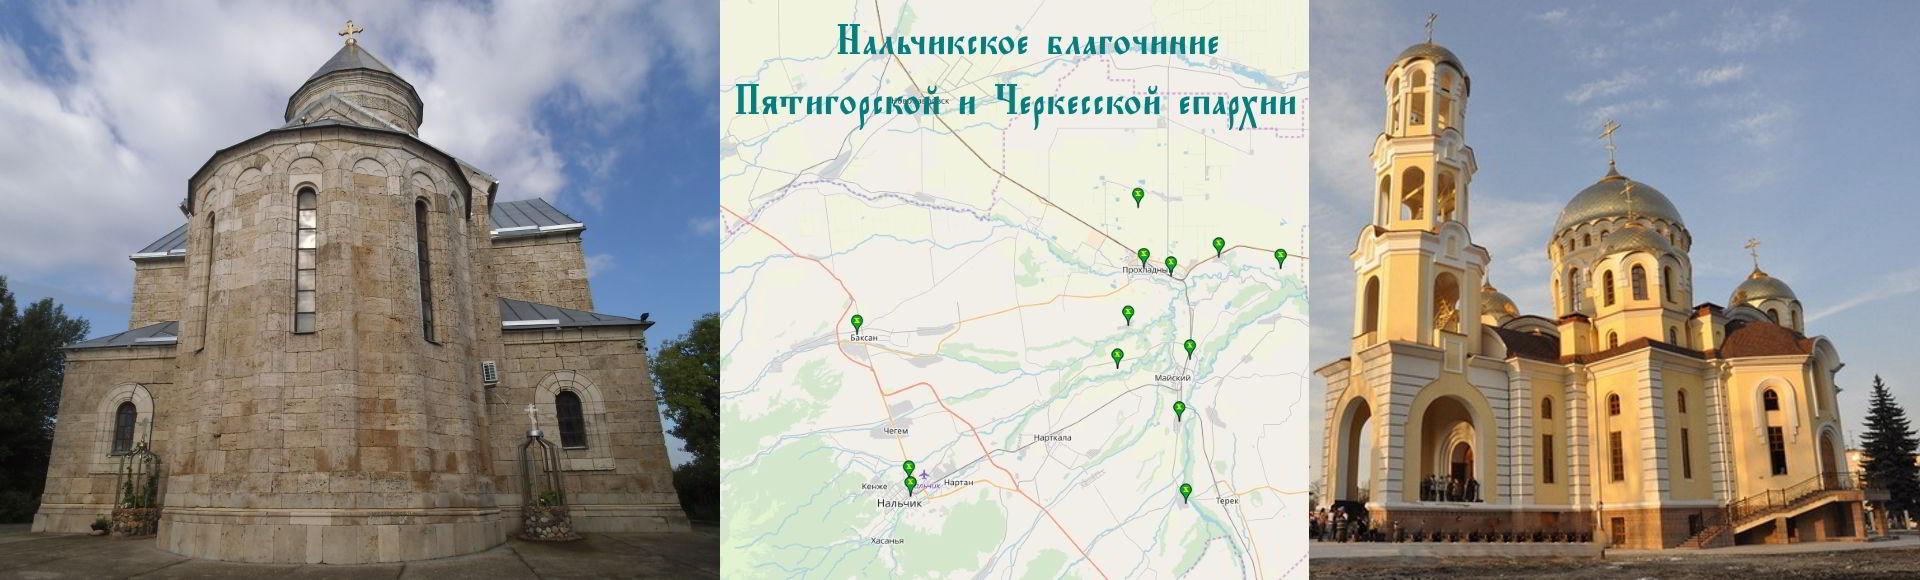 Нальчикское благочиние Пятигорской и Черкесской епархии